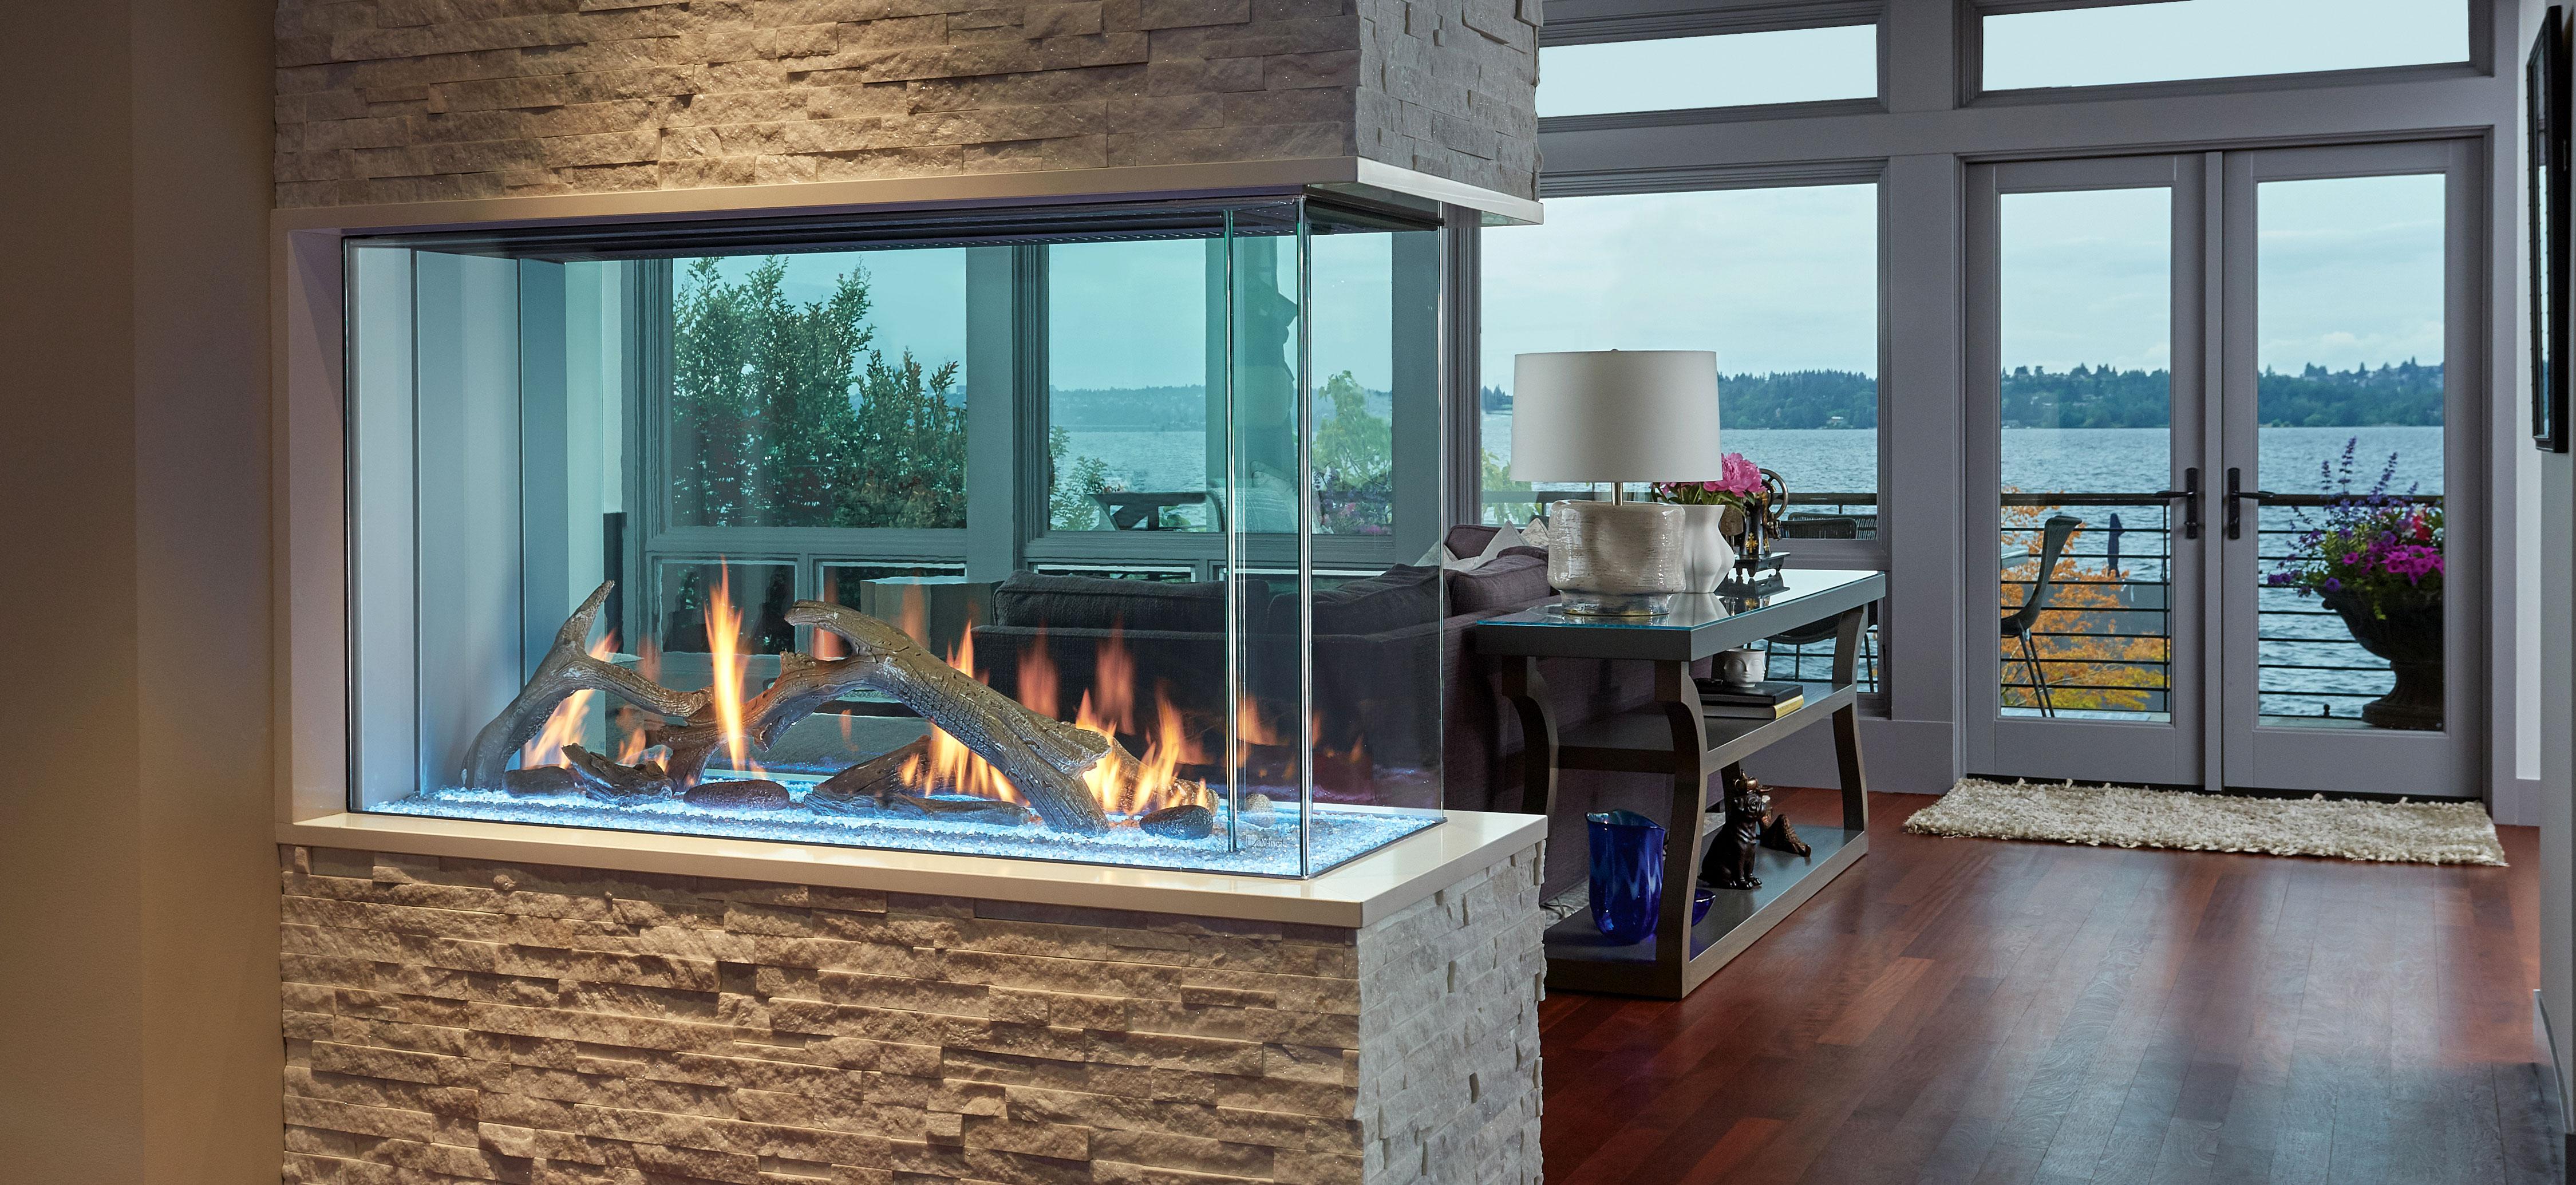 Davinci Fireplace - Pier